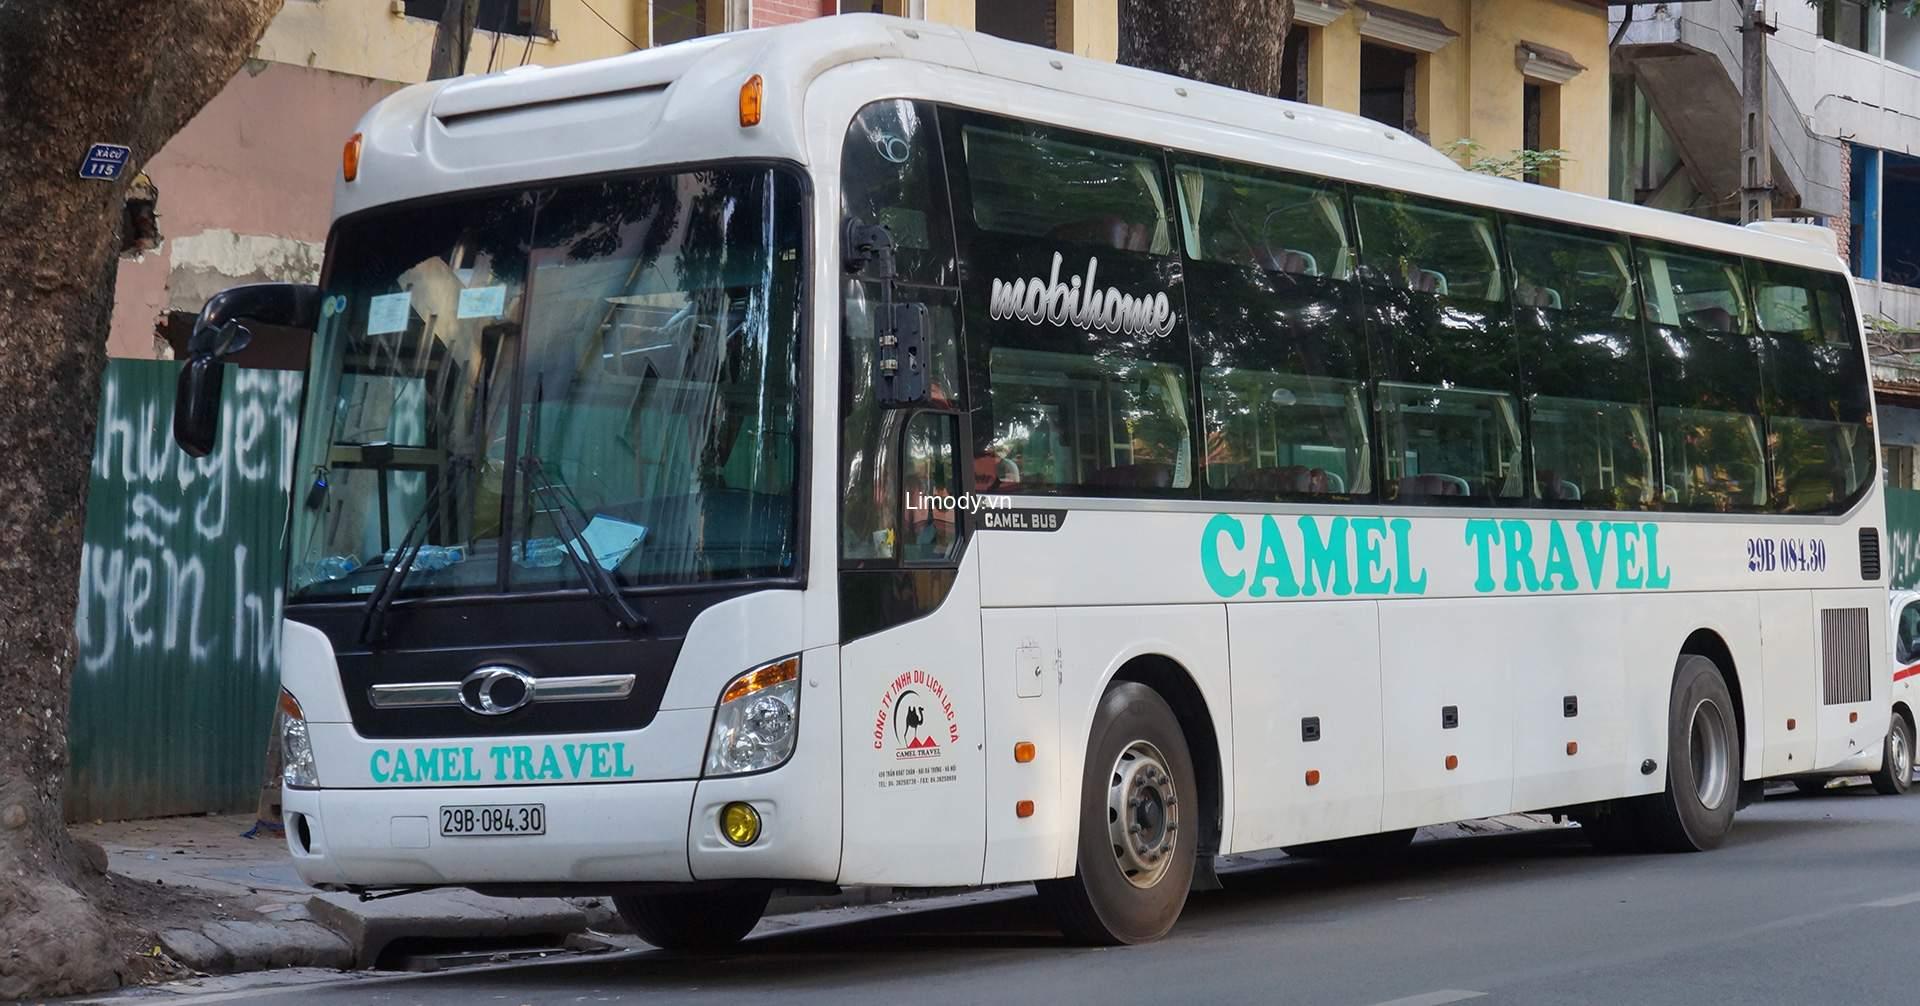 Xe Camel travel: Bến xe, giá vé, số điện thoại đặt vé, lịch trình A-Z